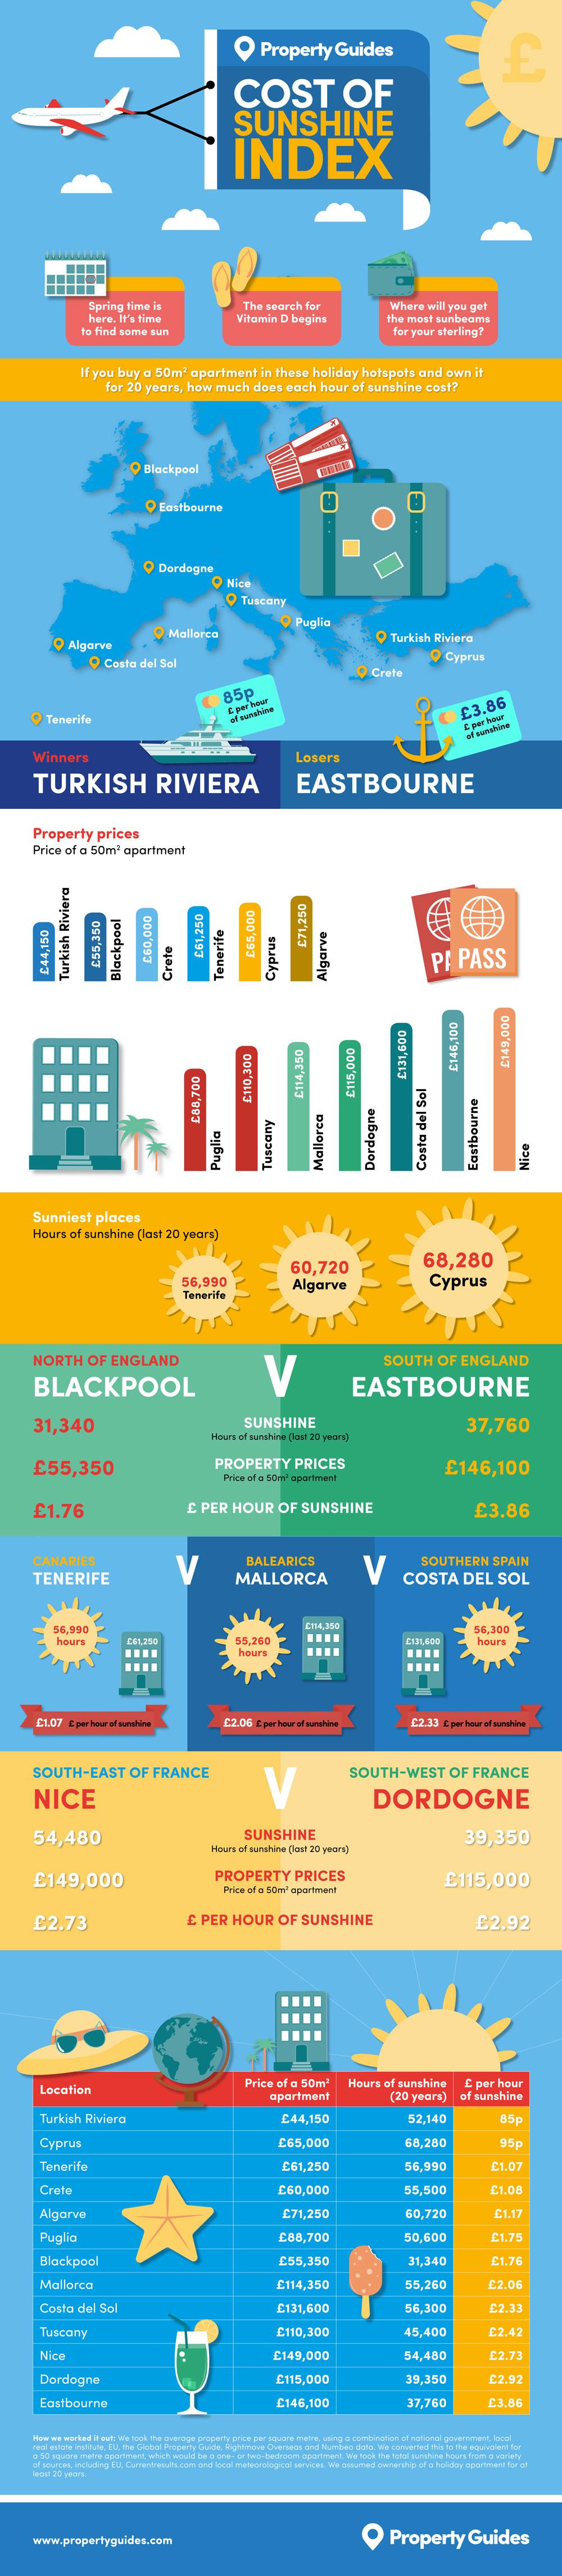 cost of sunshine